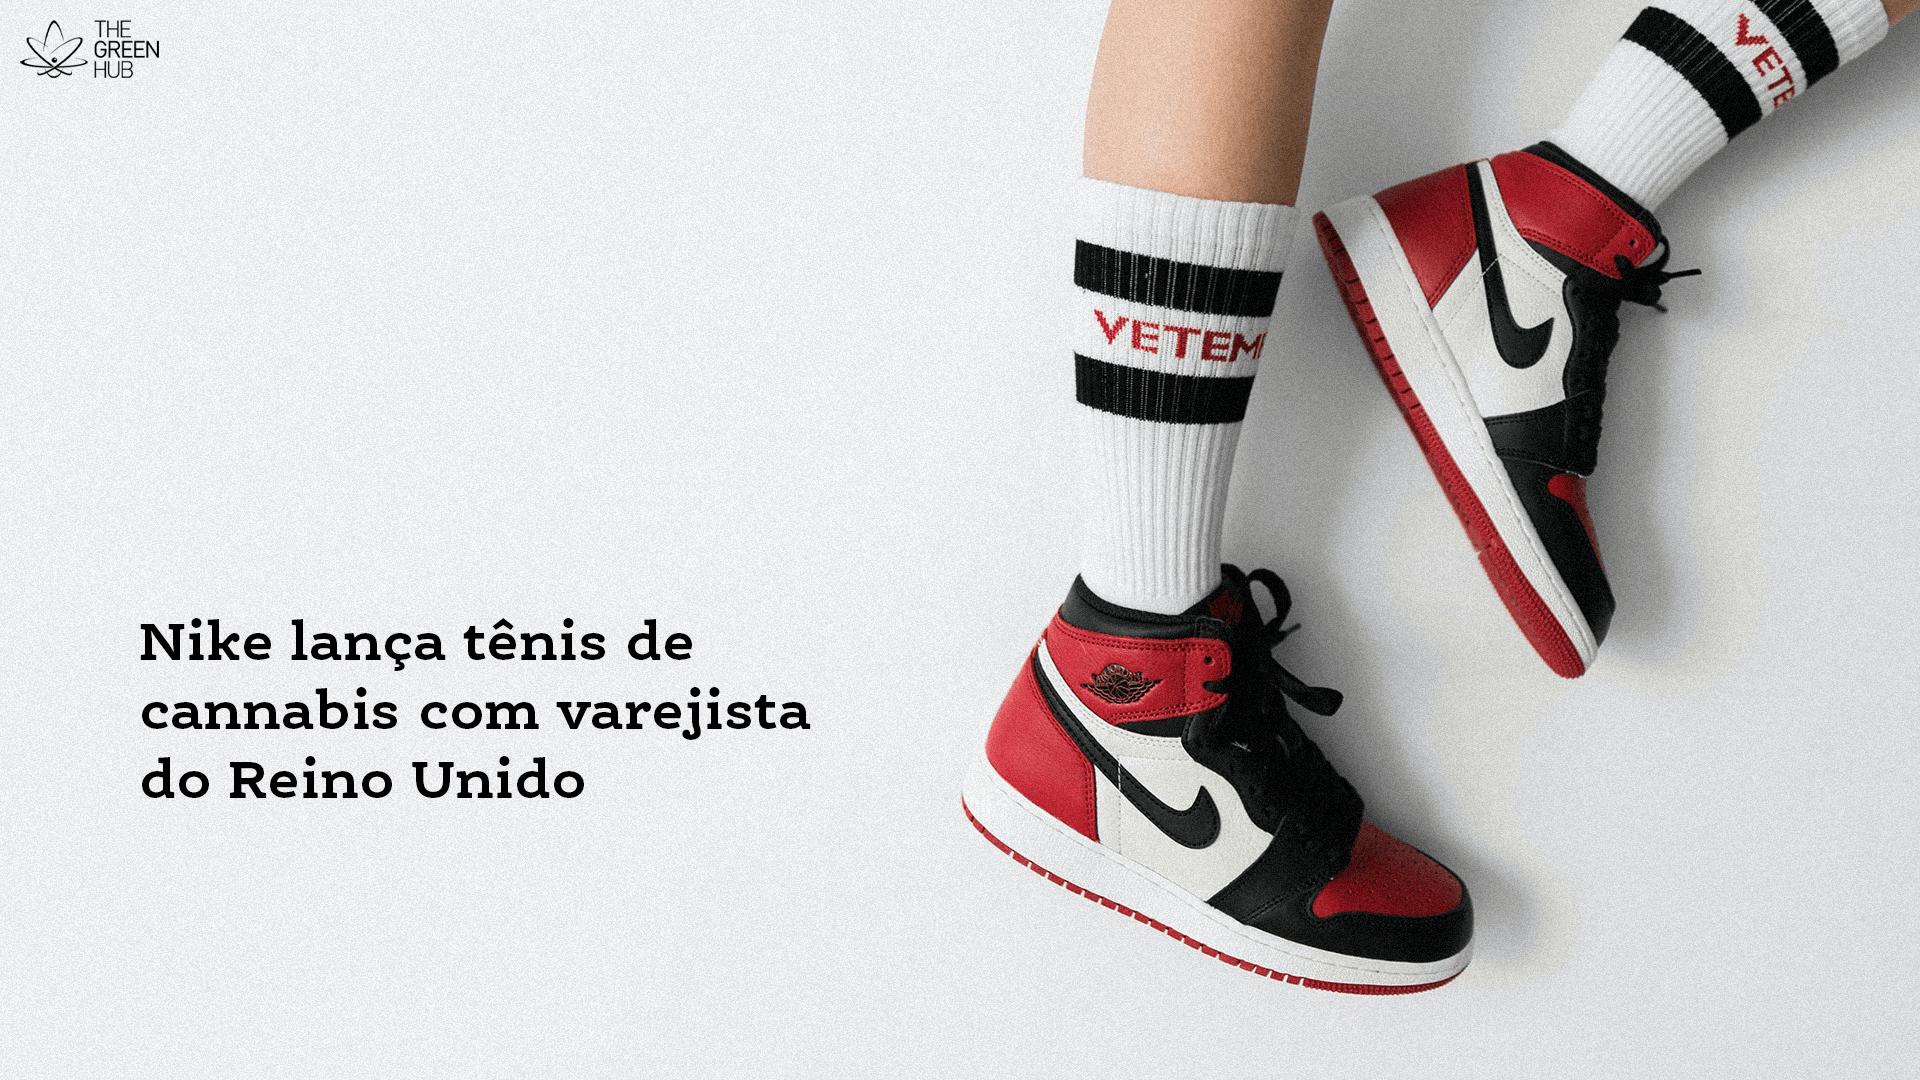 Nike lança tênis de cannabis com varejista do Reino Unido